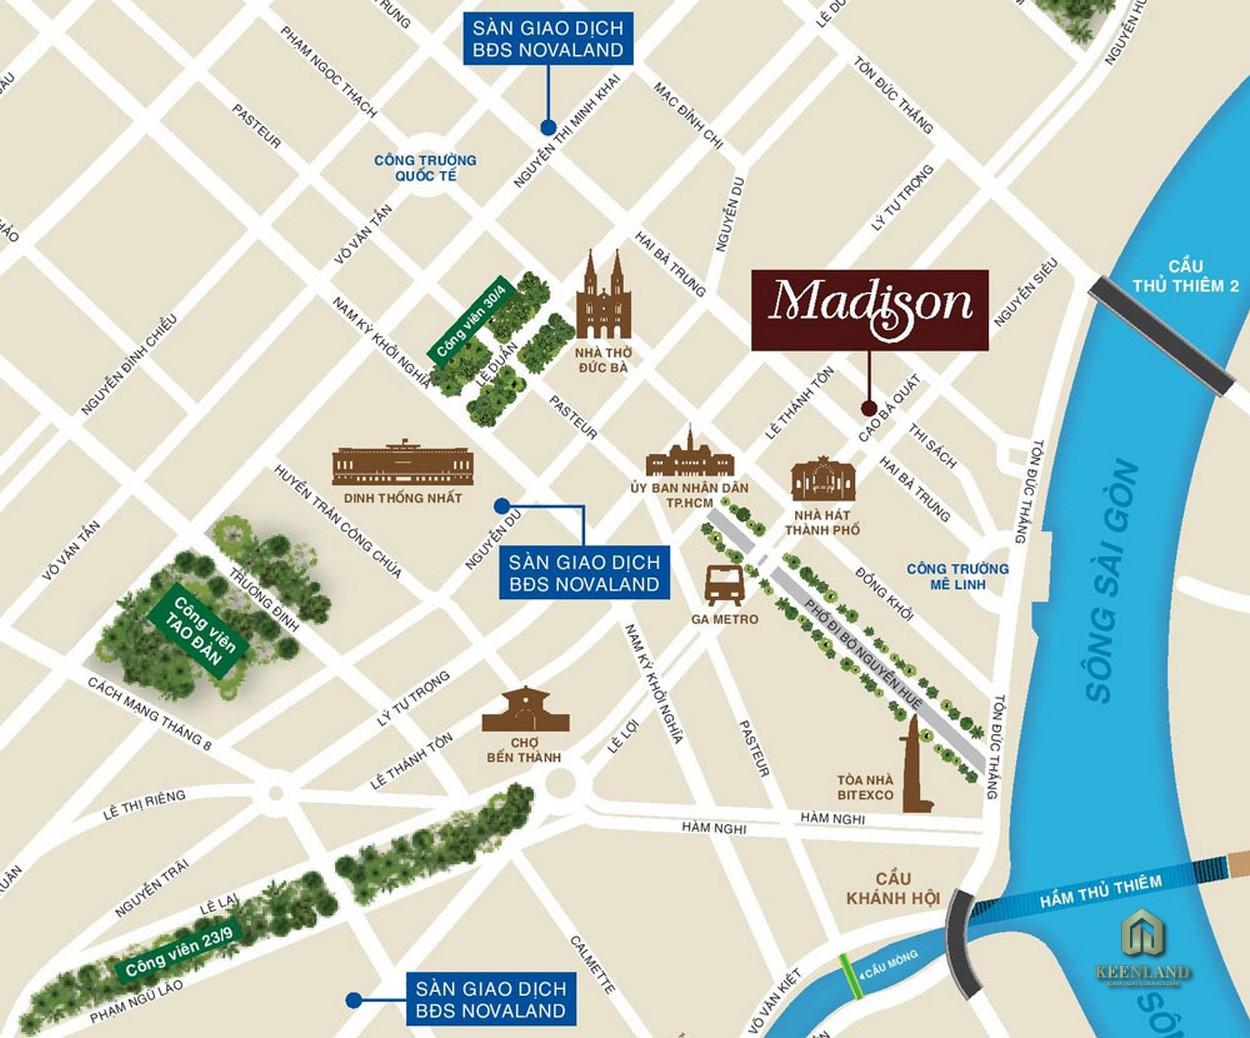 Vị trí dự án The Madison